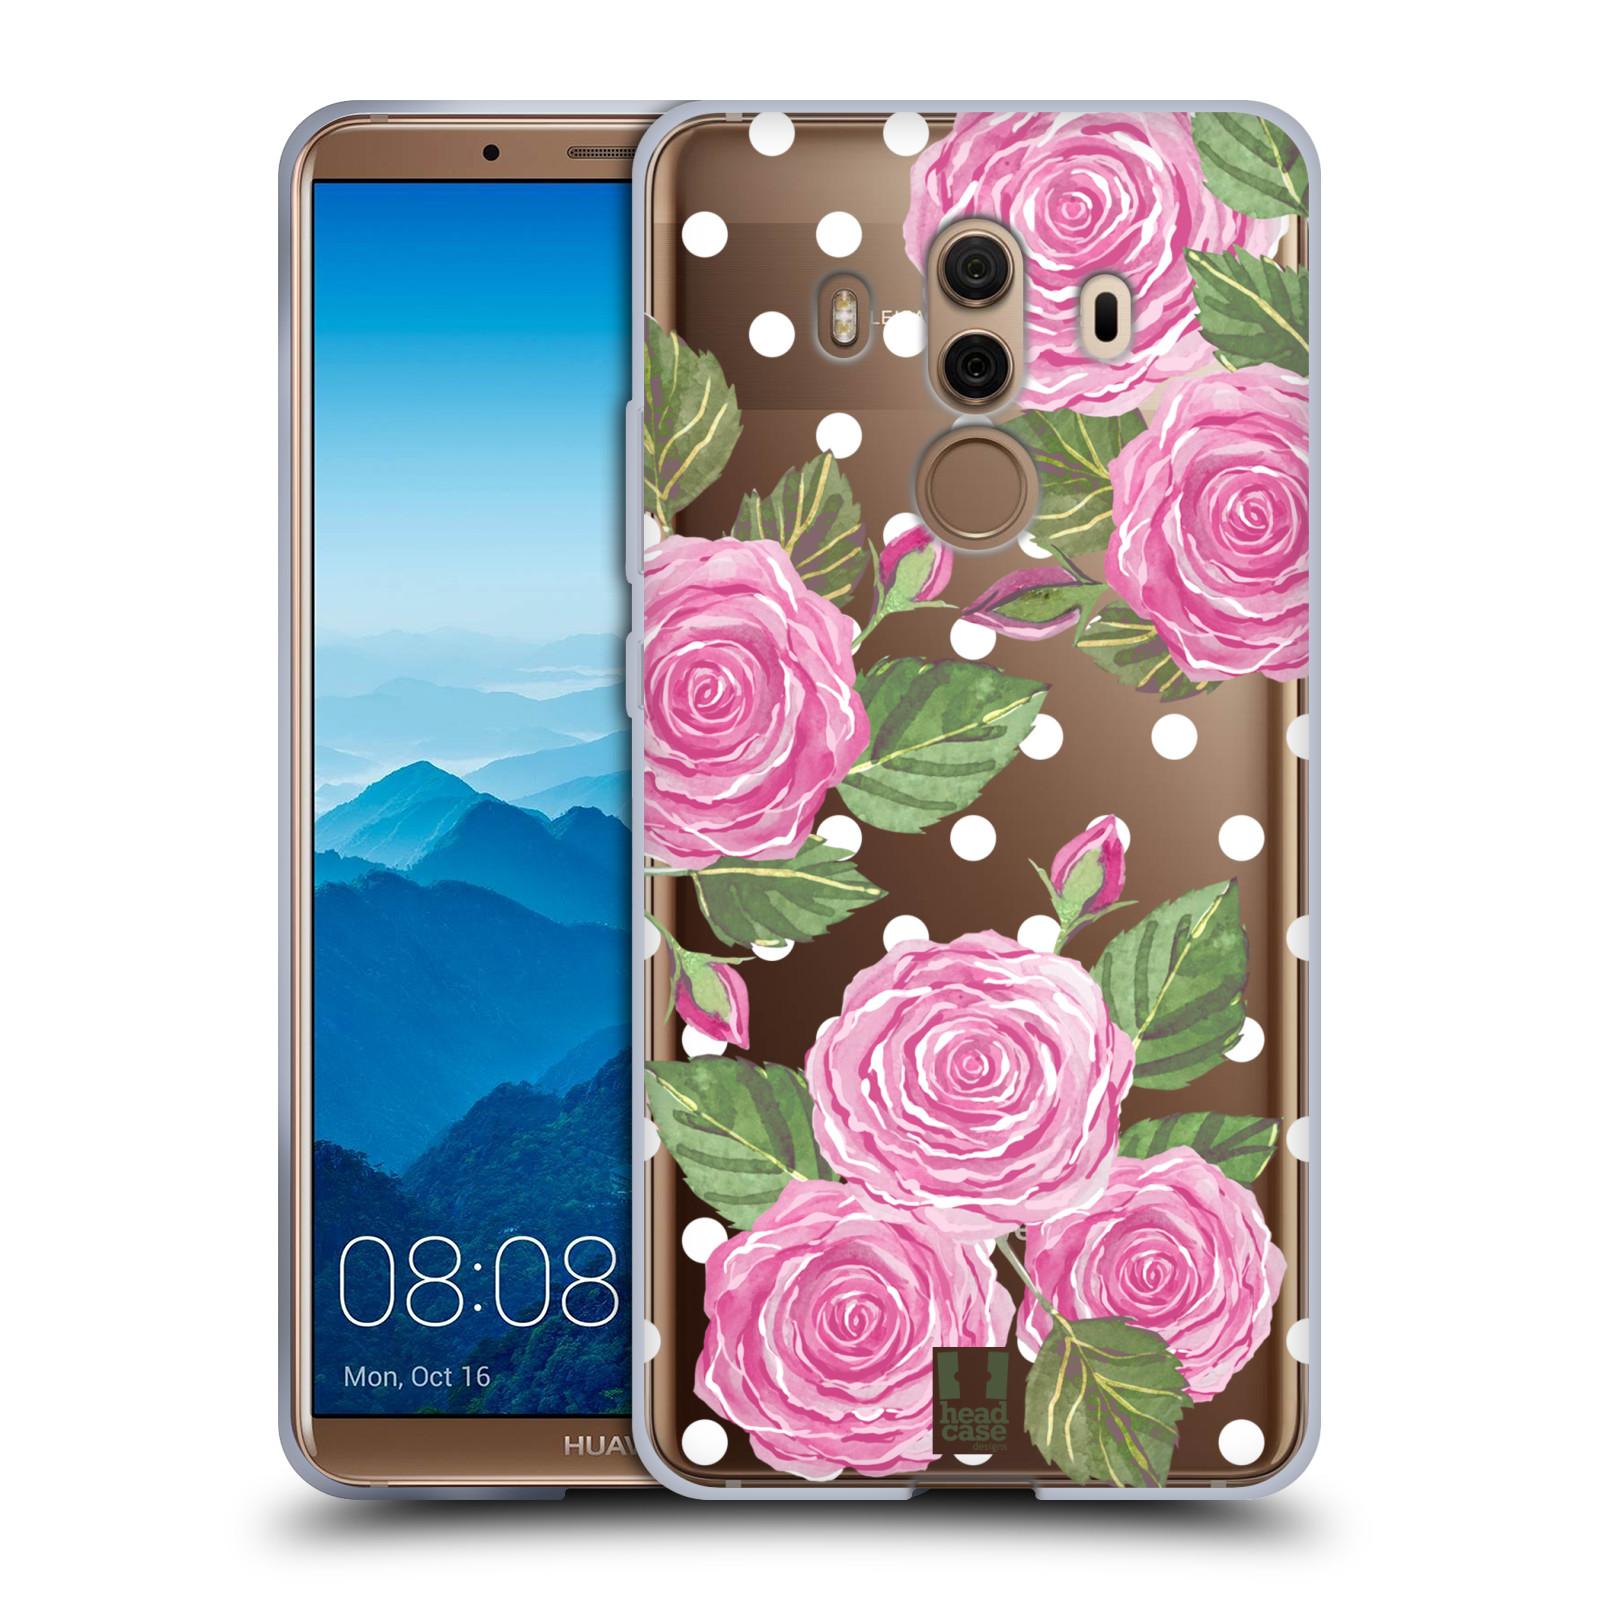 Silikonové pouzdro na mobil Huawei Mate 10 Pro - Head Case - Hezoučké růžičky - průhledné